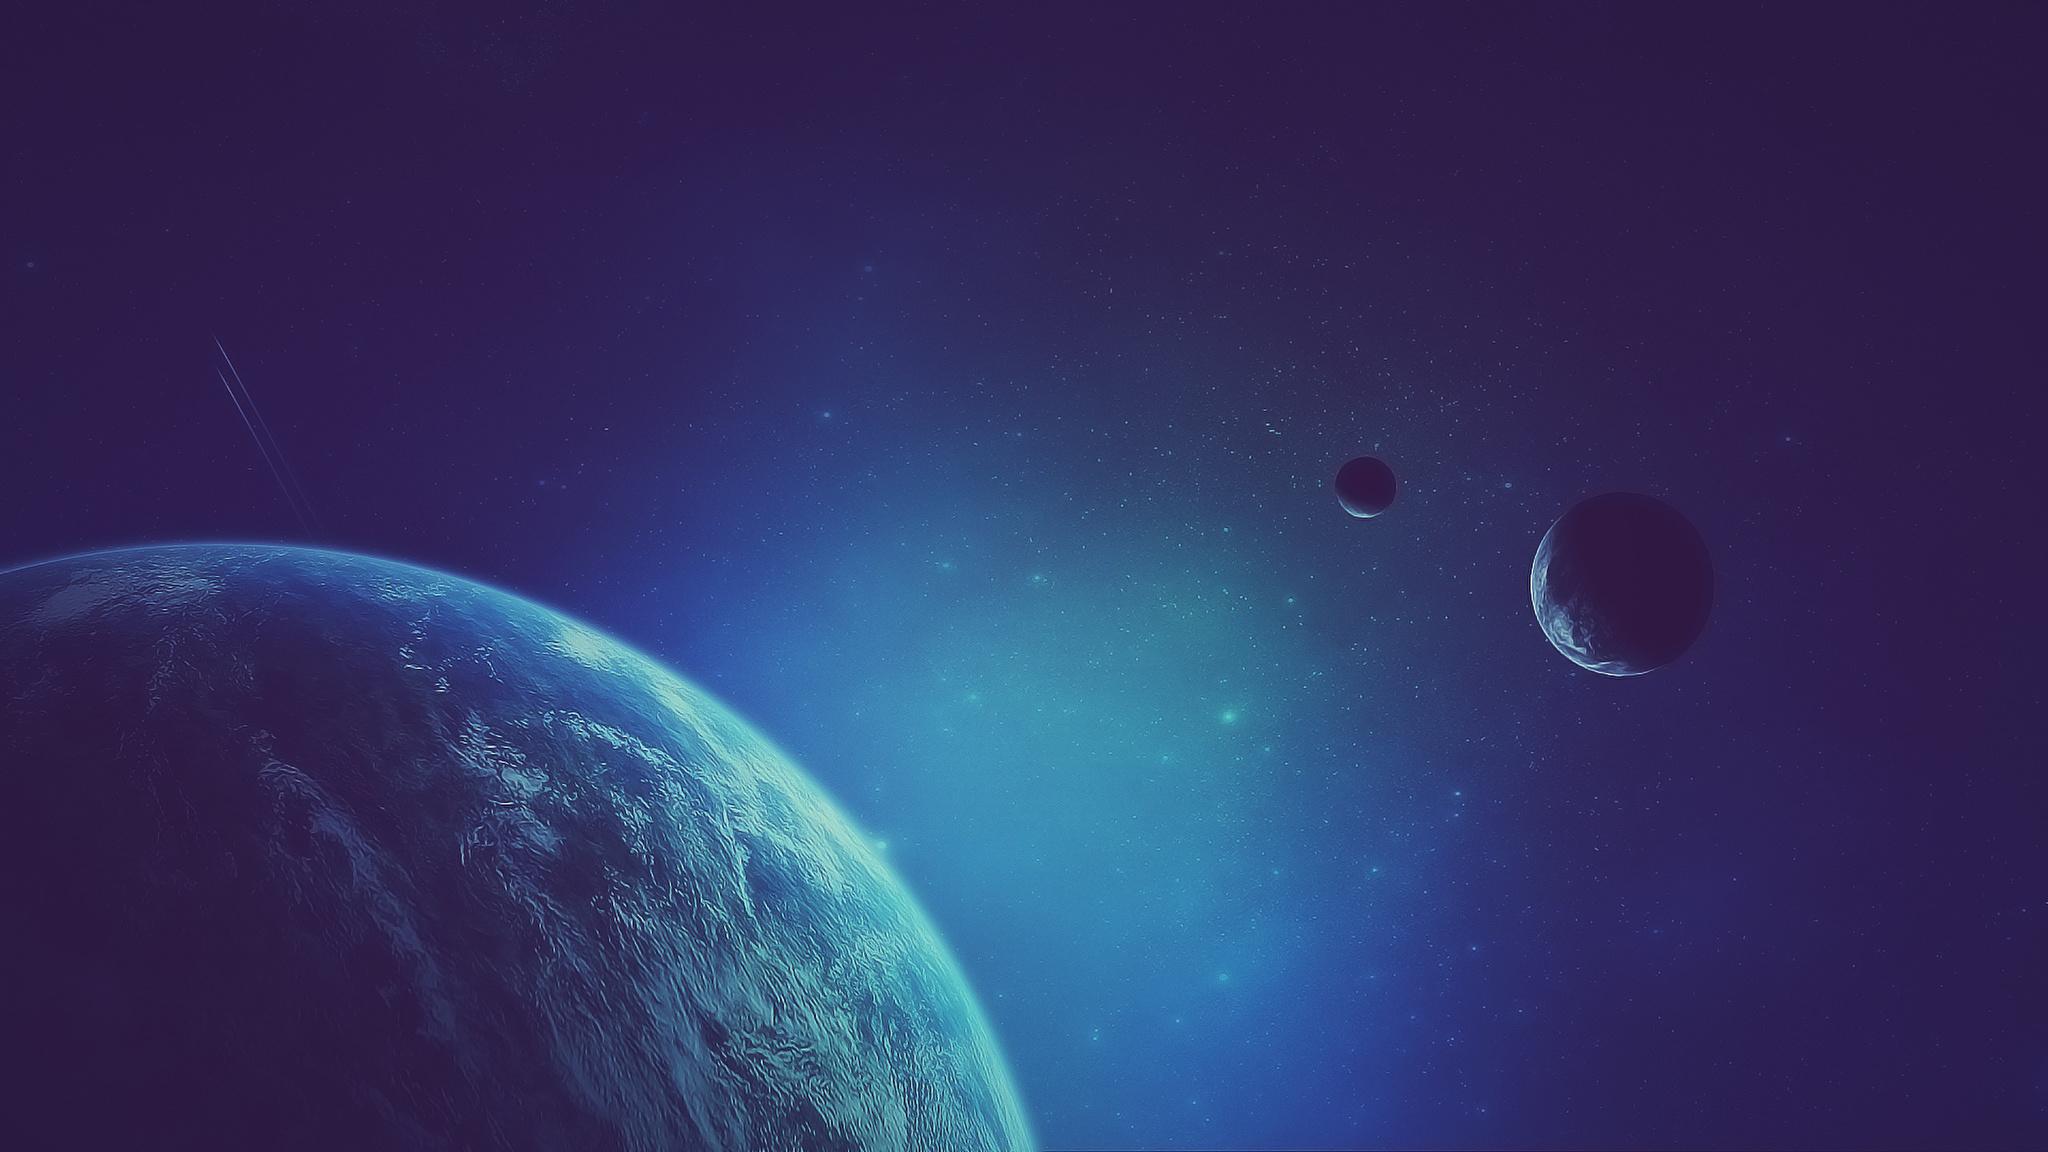 Обои планета спутник картинки на рабочий стол на тему Космос - скачать загрузить